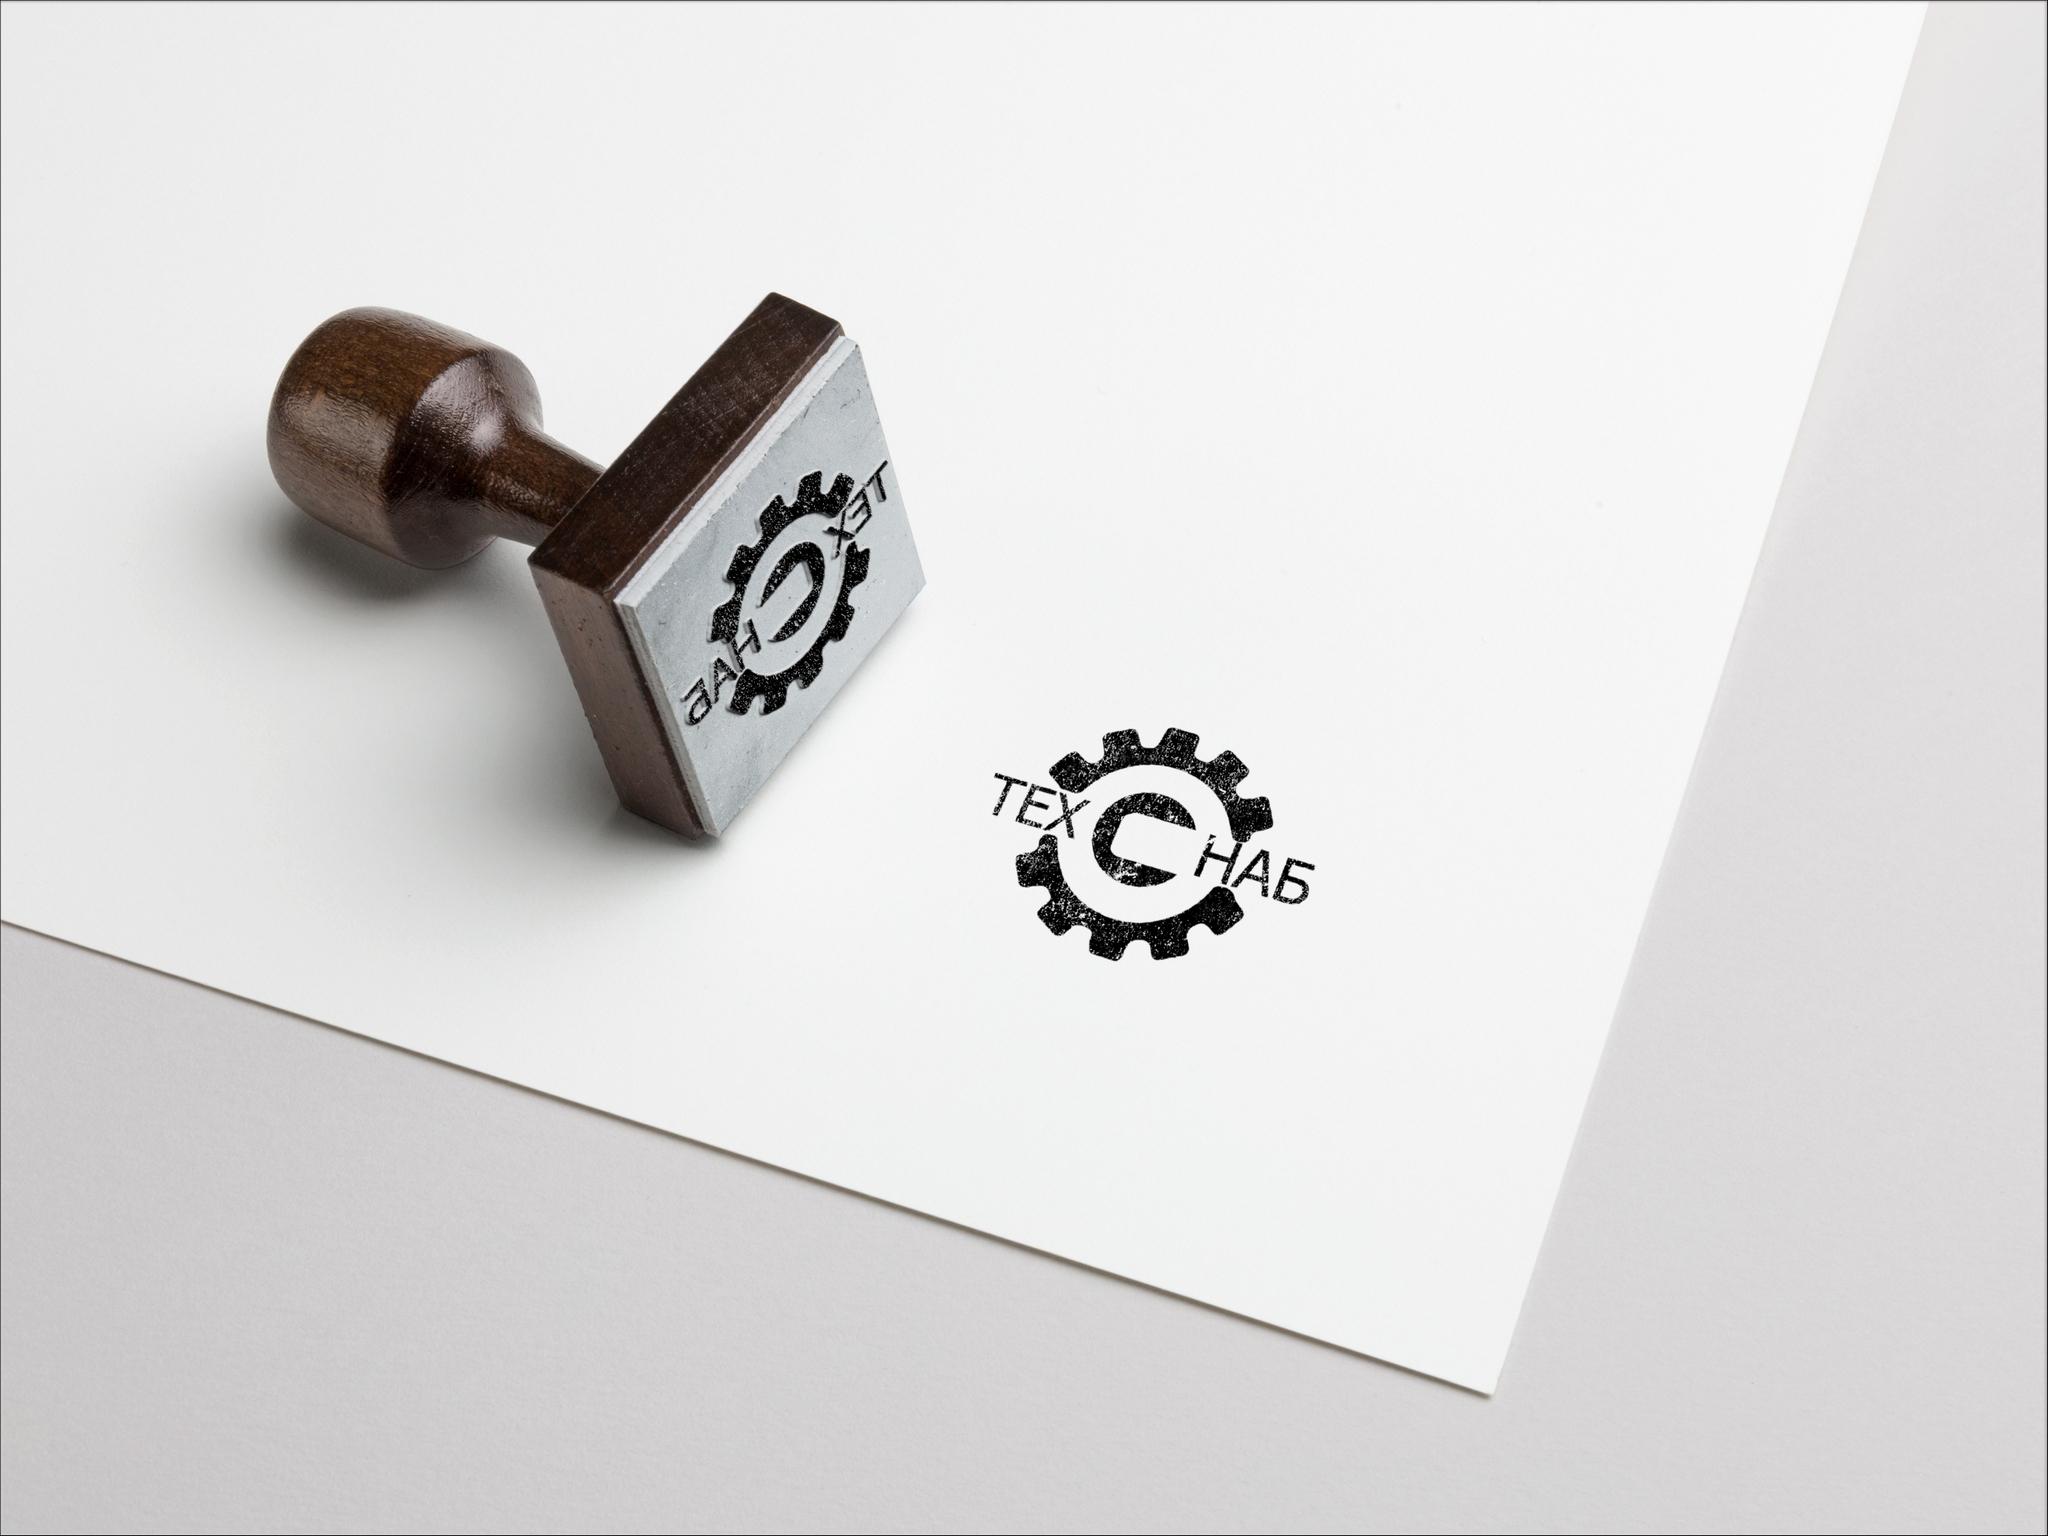 Разработка логотипа и фирм. стиля компании  ТЕХСНАБ фото f_3035b1fa7bea62be.jpg